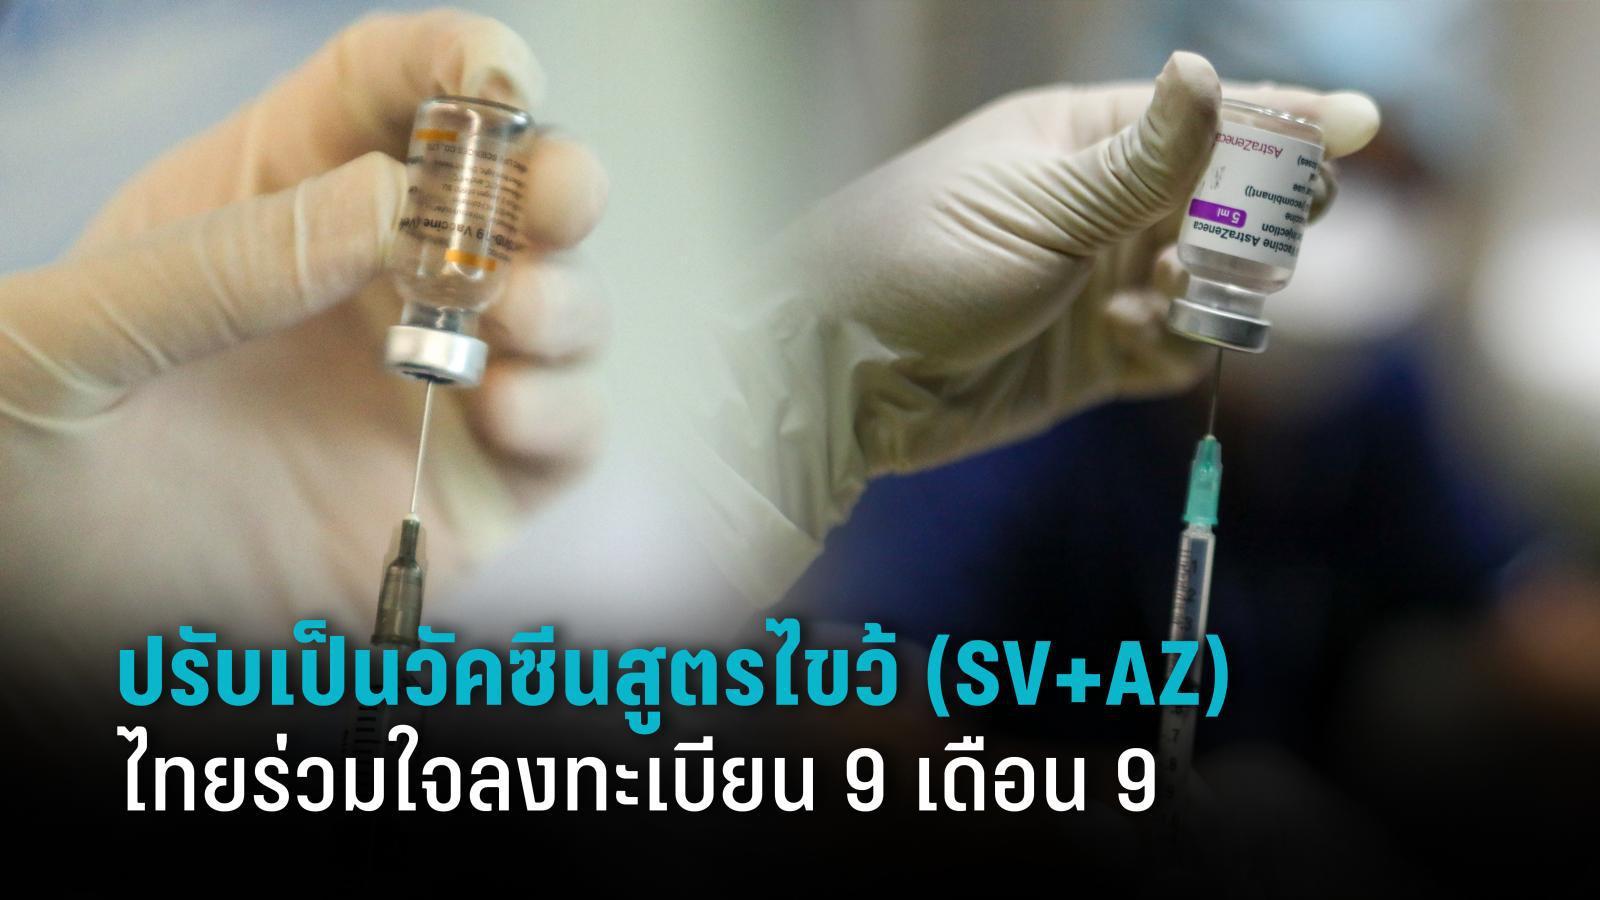 ด่วน! ไทยร่วมใจ ปรับสูตรฉีดวัคซีนเข็ม 1 เป็นซิโนแวค ลงทะเบียน 9 เดือน 9  เวลา 9 โมง รอบ ปชช.ทั่วไป : PPTVHD36